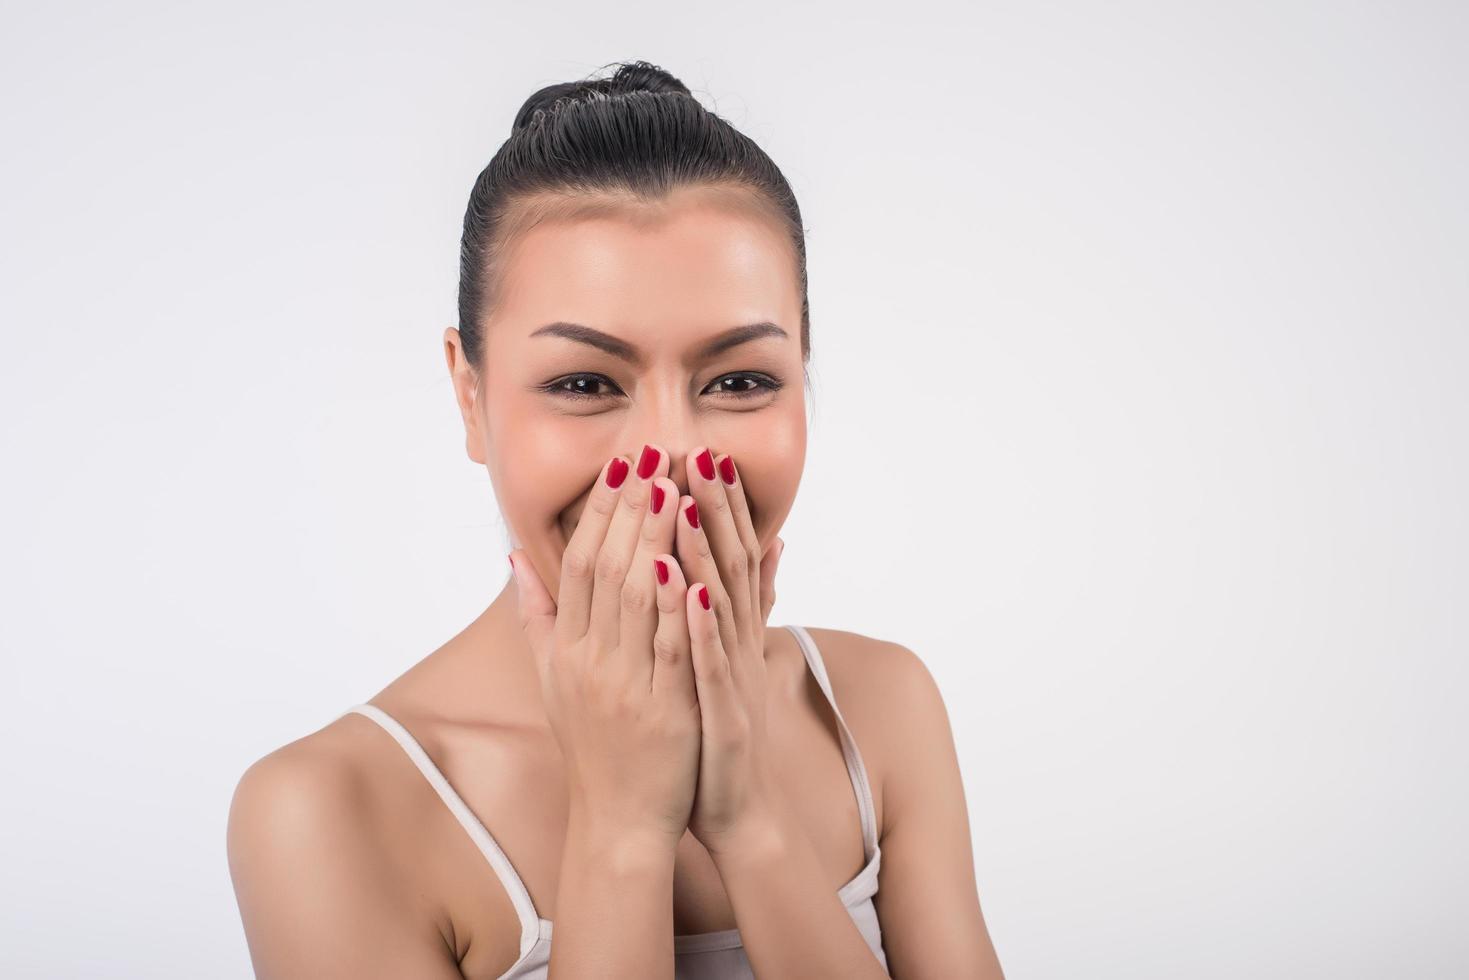 retrato de una mujer riendo foto